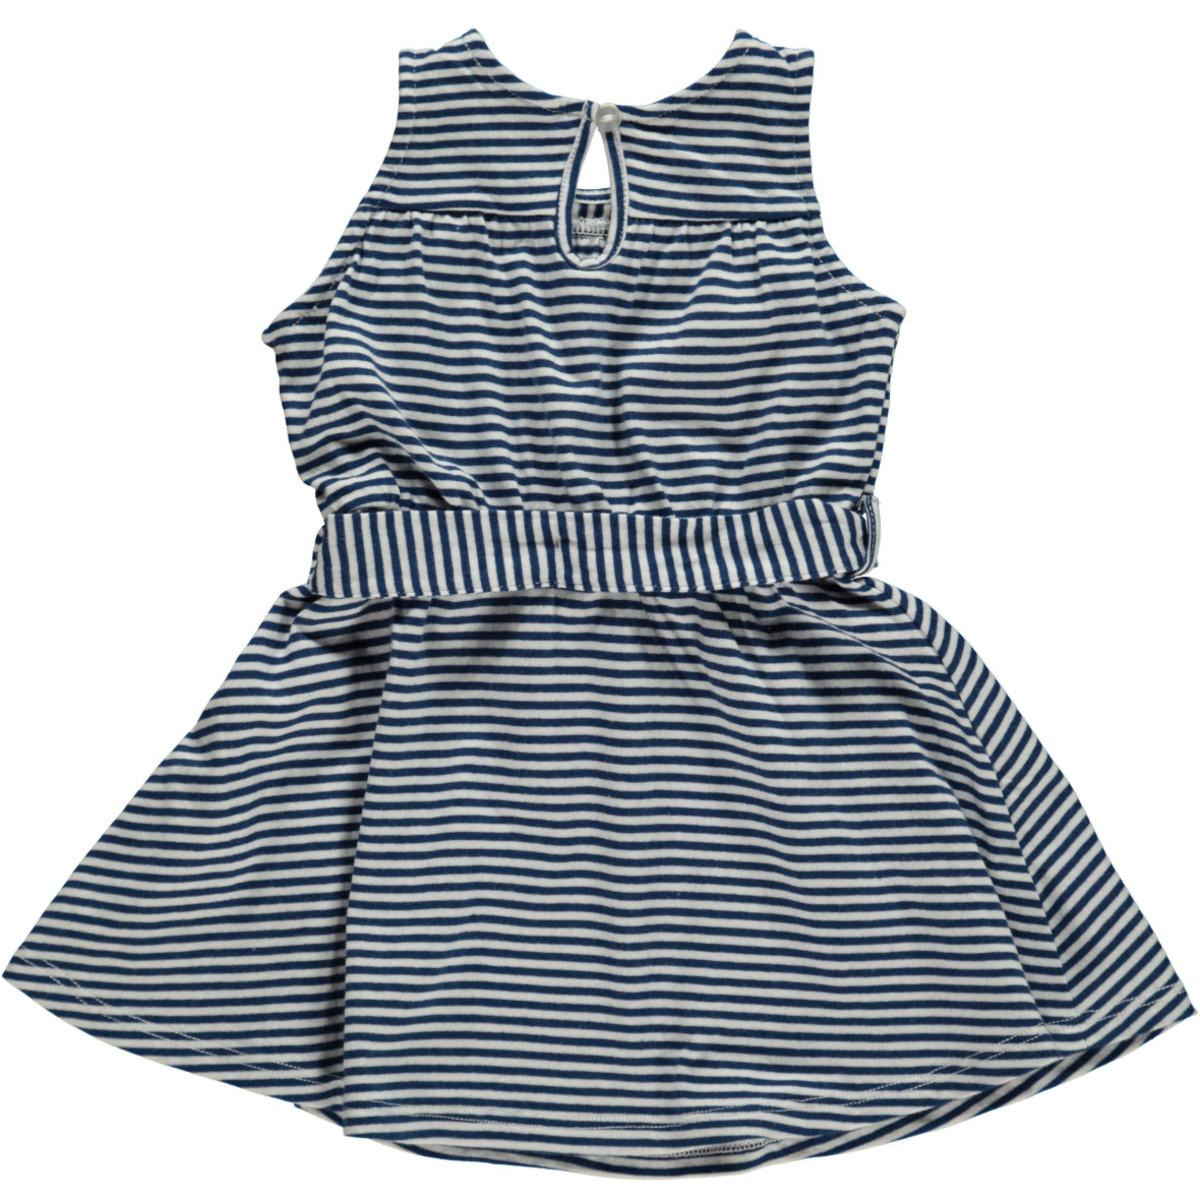 Bild 2 von Baby Kleid im maritimem Look